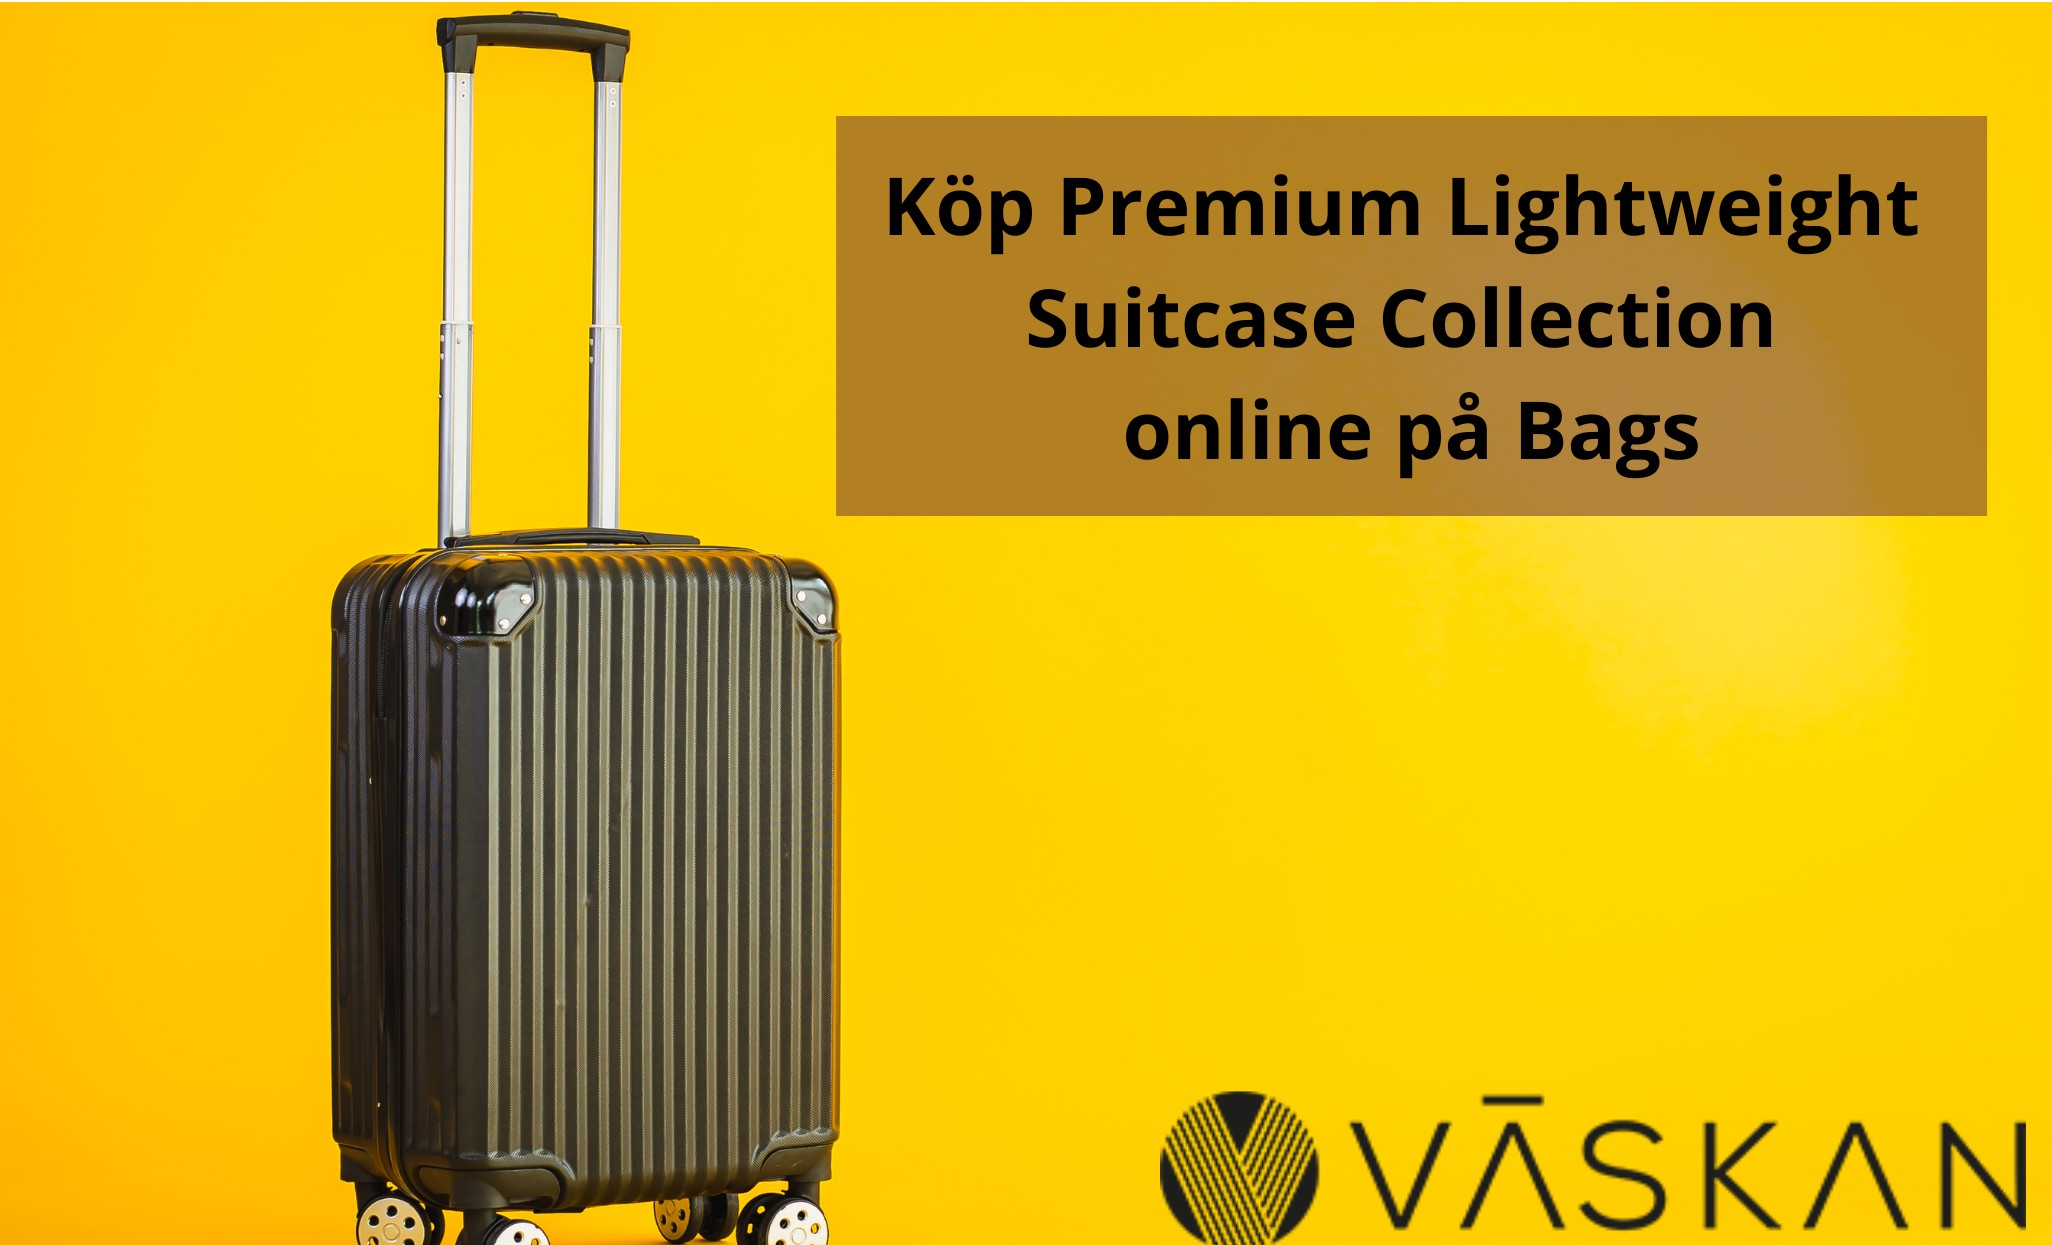 Köp Premium Lightweight Suitcase Collection online på Bags